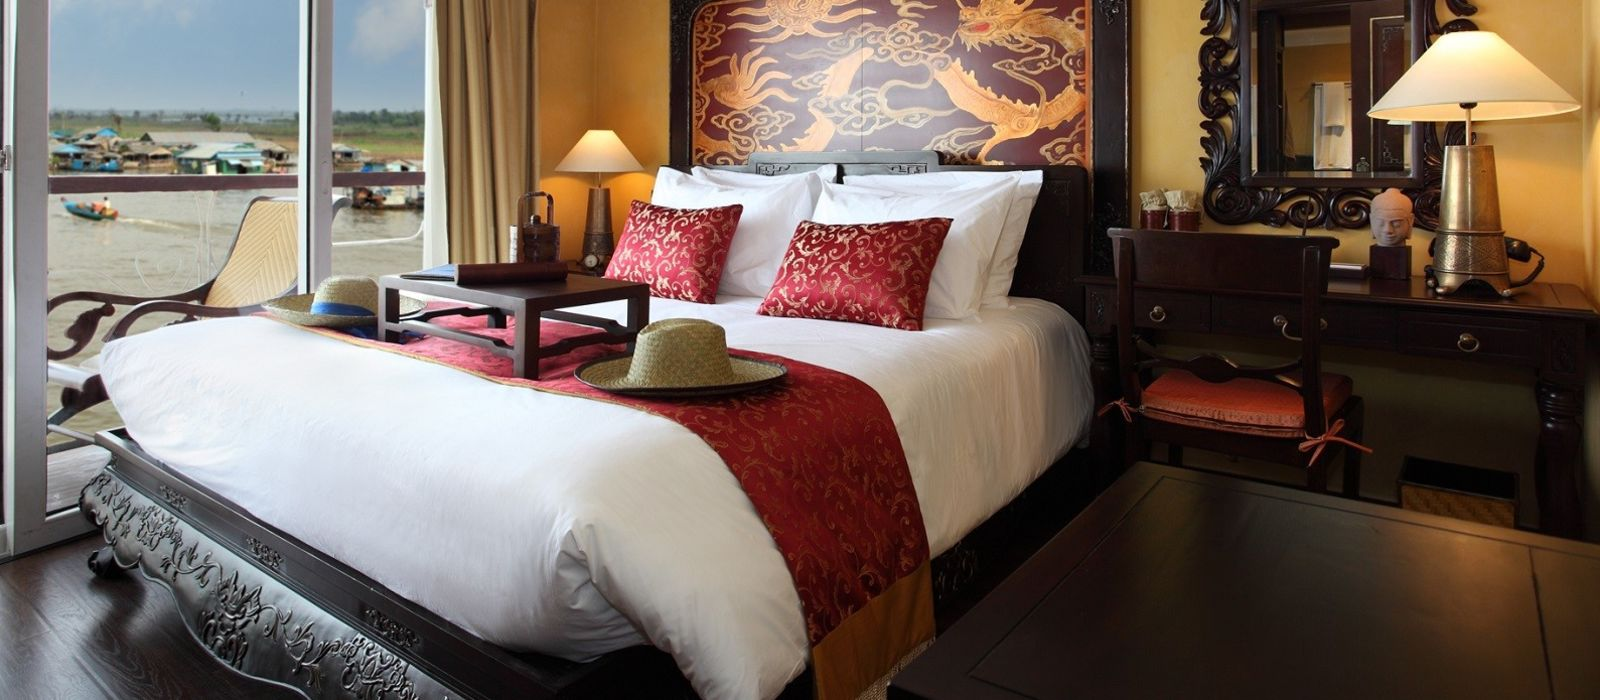 Hotel The Jayavarman Cruise Vietnam